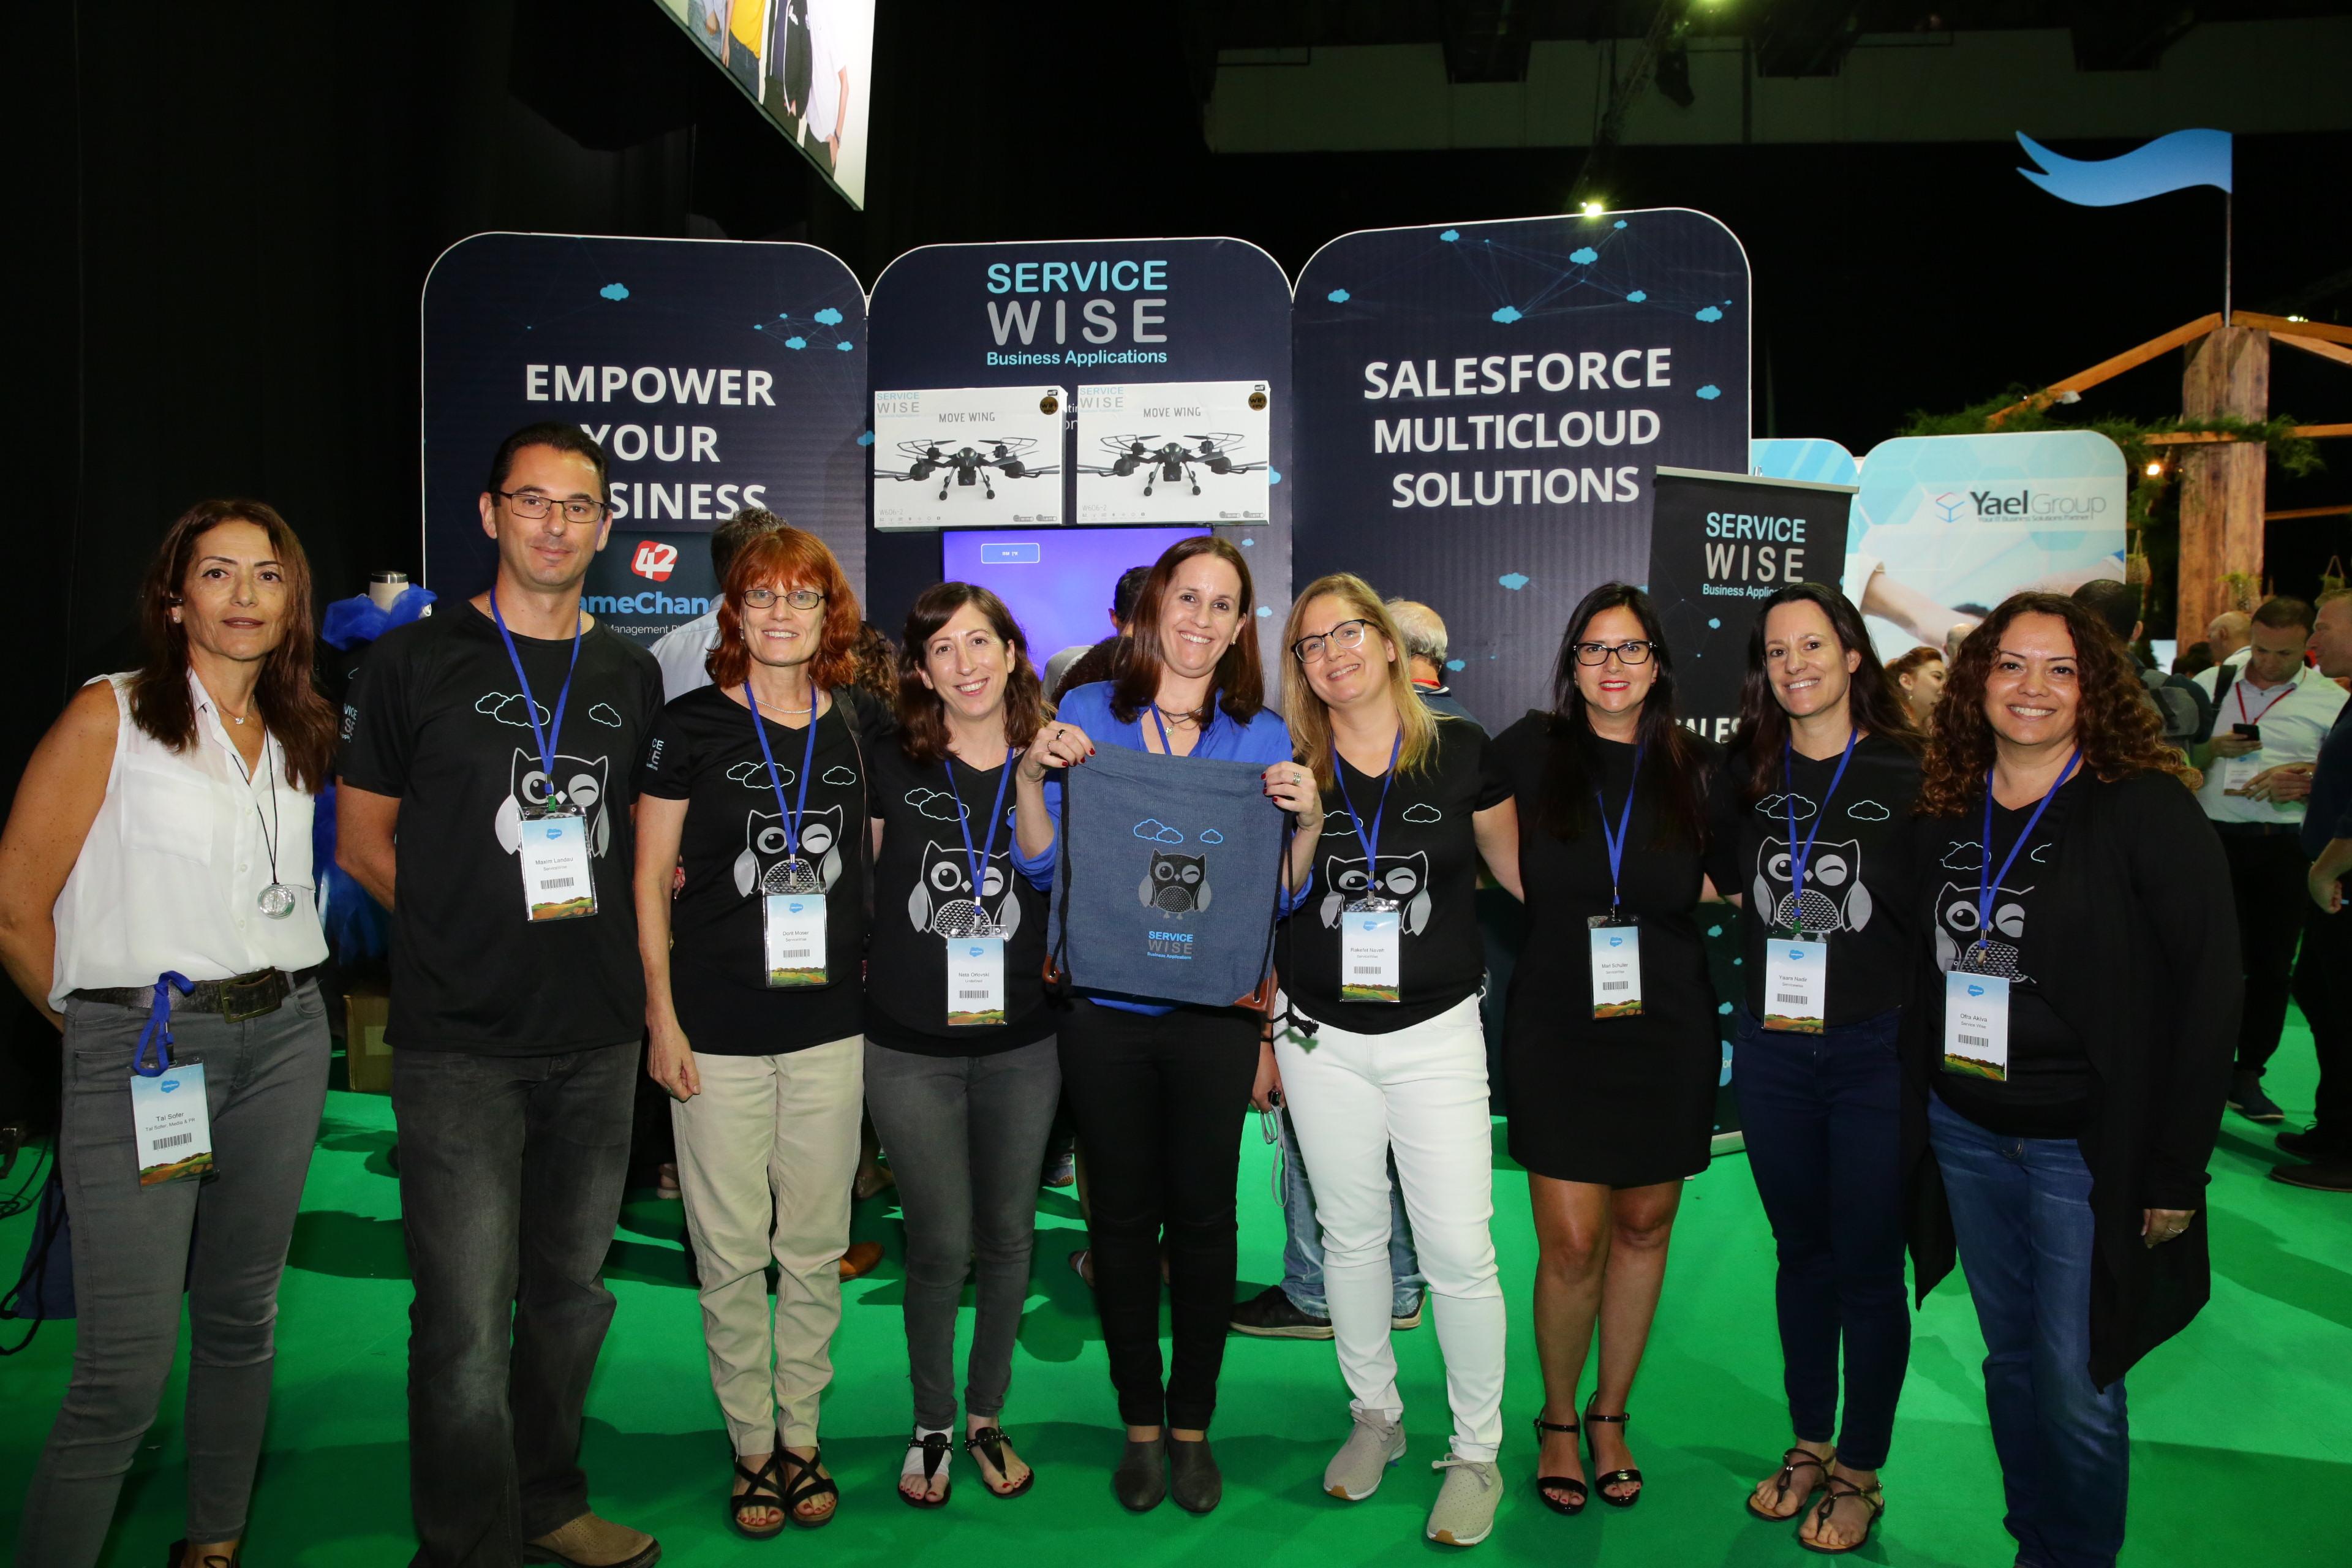 סיכום כנס Salesforce Basecamp 2018